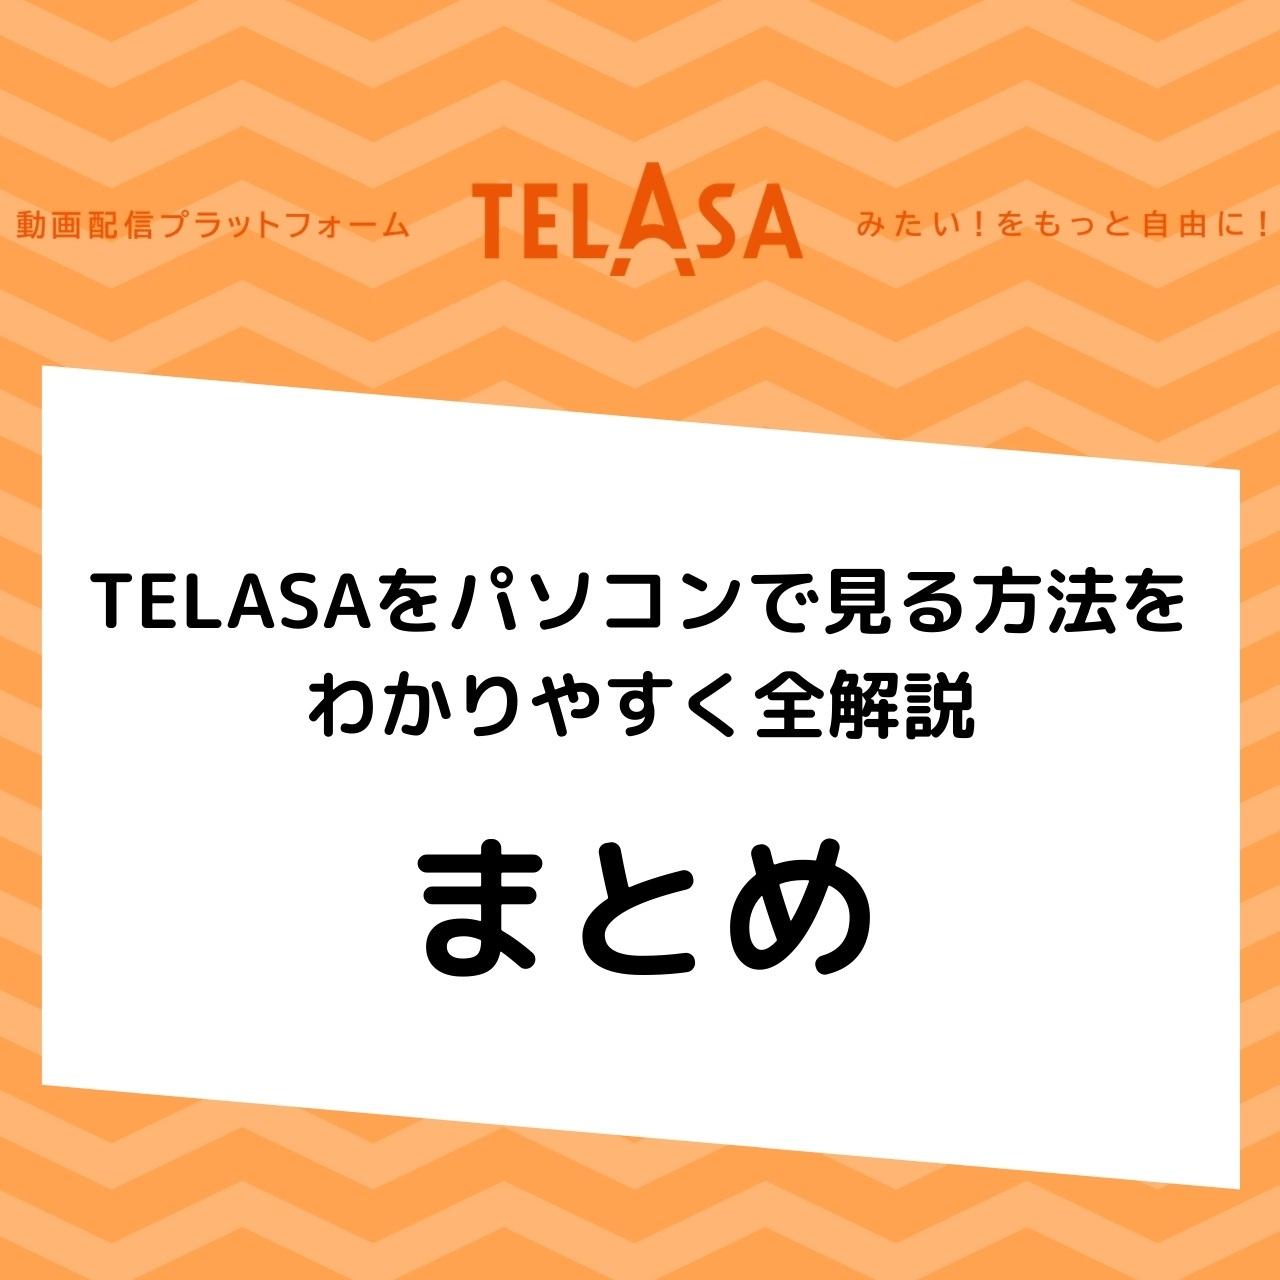 TELASAをパソコンで見る方法をわかりやすく全解説|まとめ